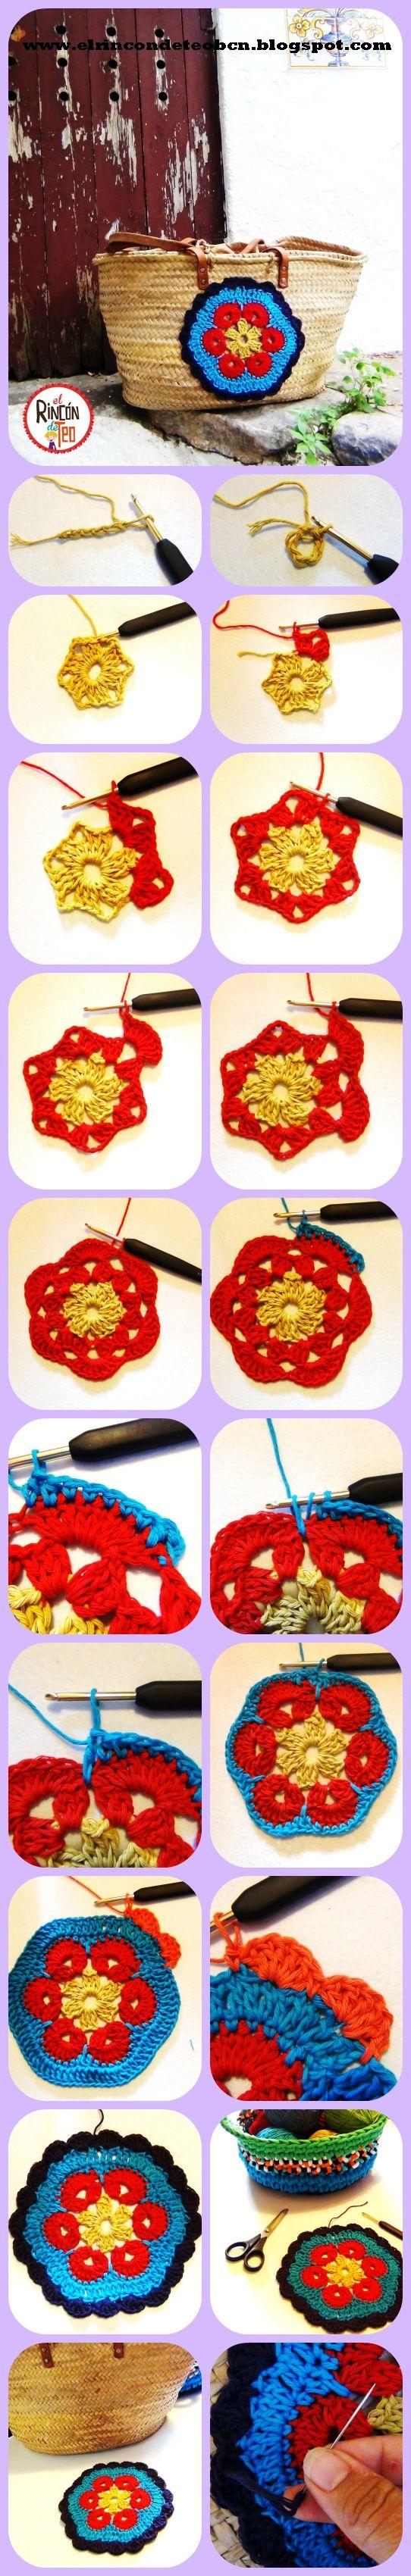 Buenos días!!! Hoy te regalo este tutorial DIY para que puedas lucir capazo este veranito!!! Visita nuestro blog!! http://goo.gl/whUlzo #ganchillo #ganxet #crochet #tutorialganchillo #tutorialcrochet #diy #diycapazo #fetama #hechoamano #handmade